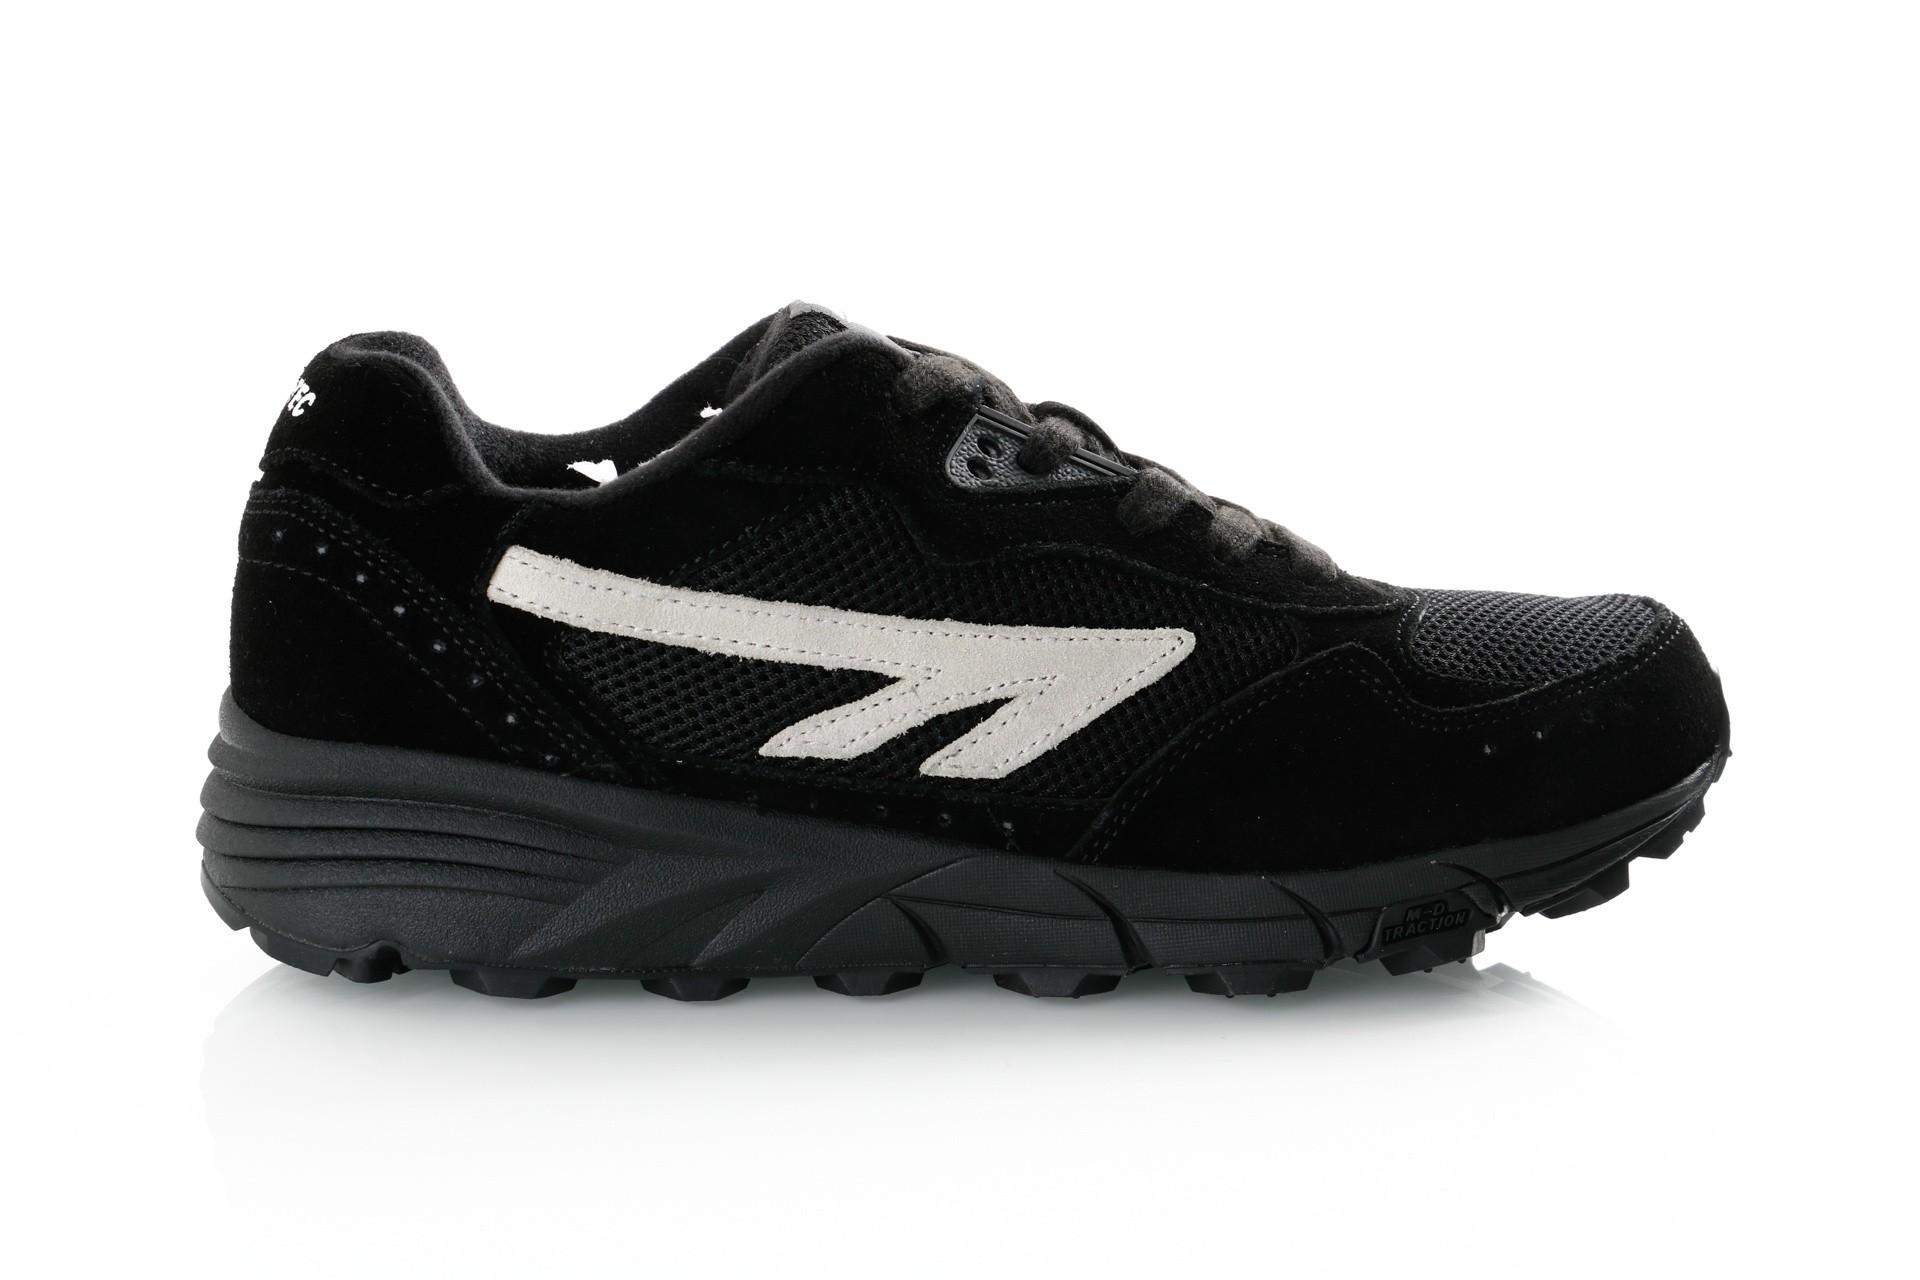 Foto van Hi-Tec Shadow Tl S010005/021 Sneakers Black/White